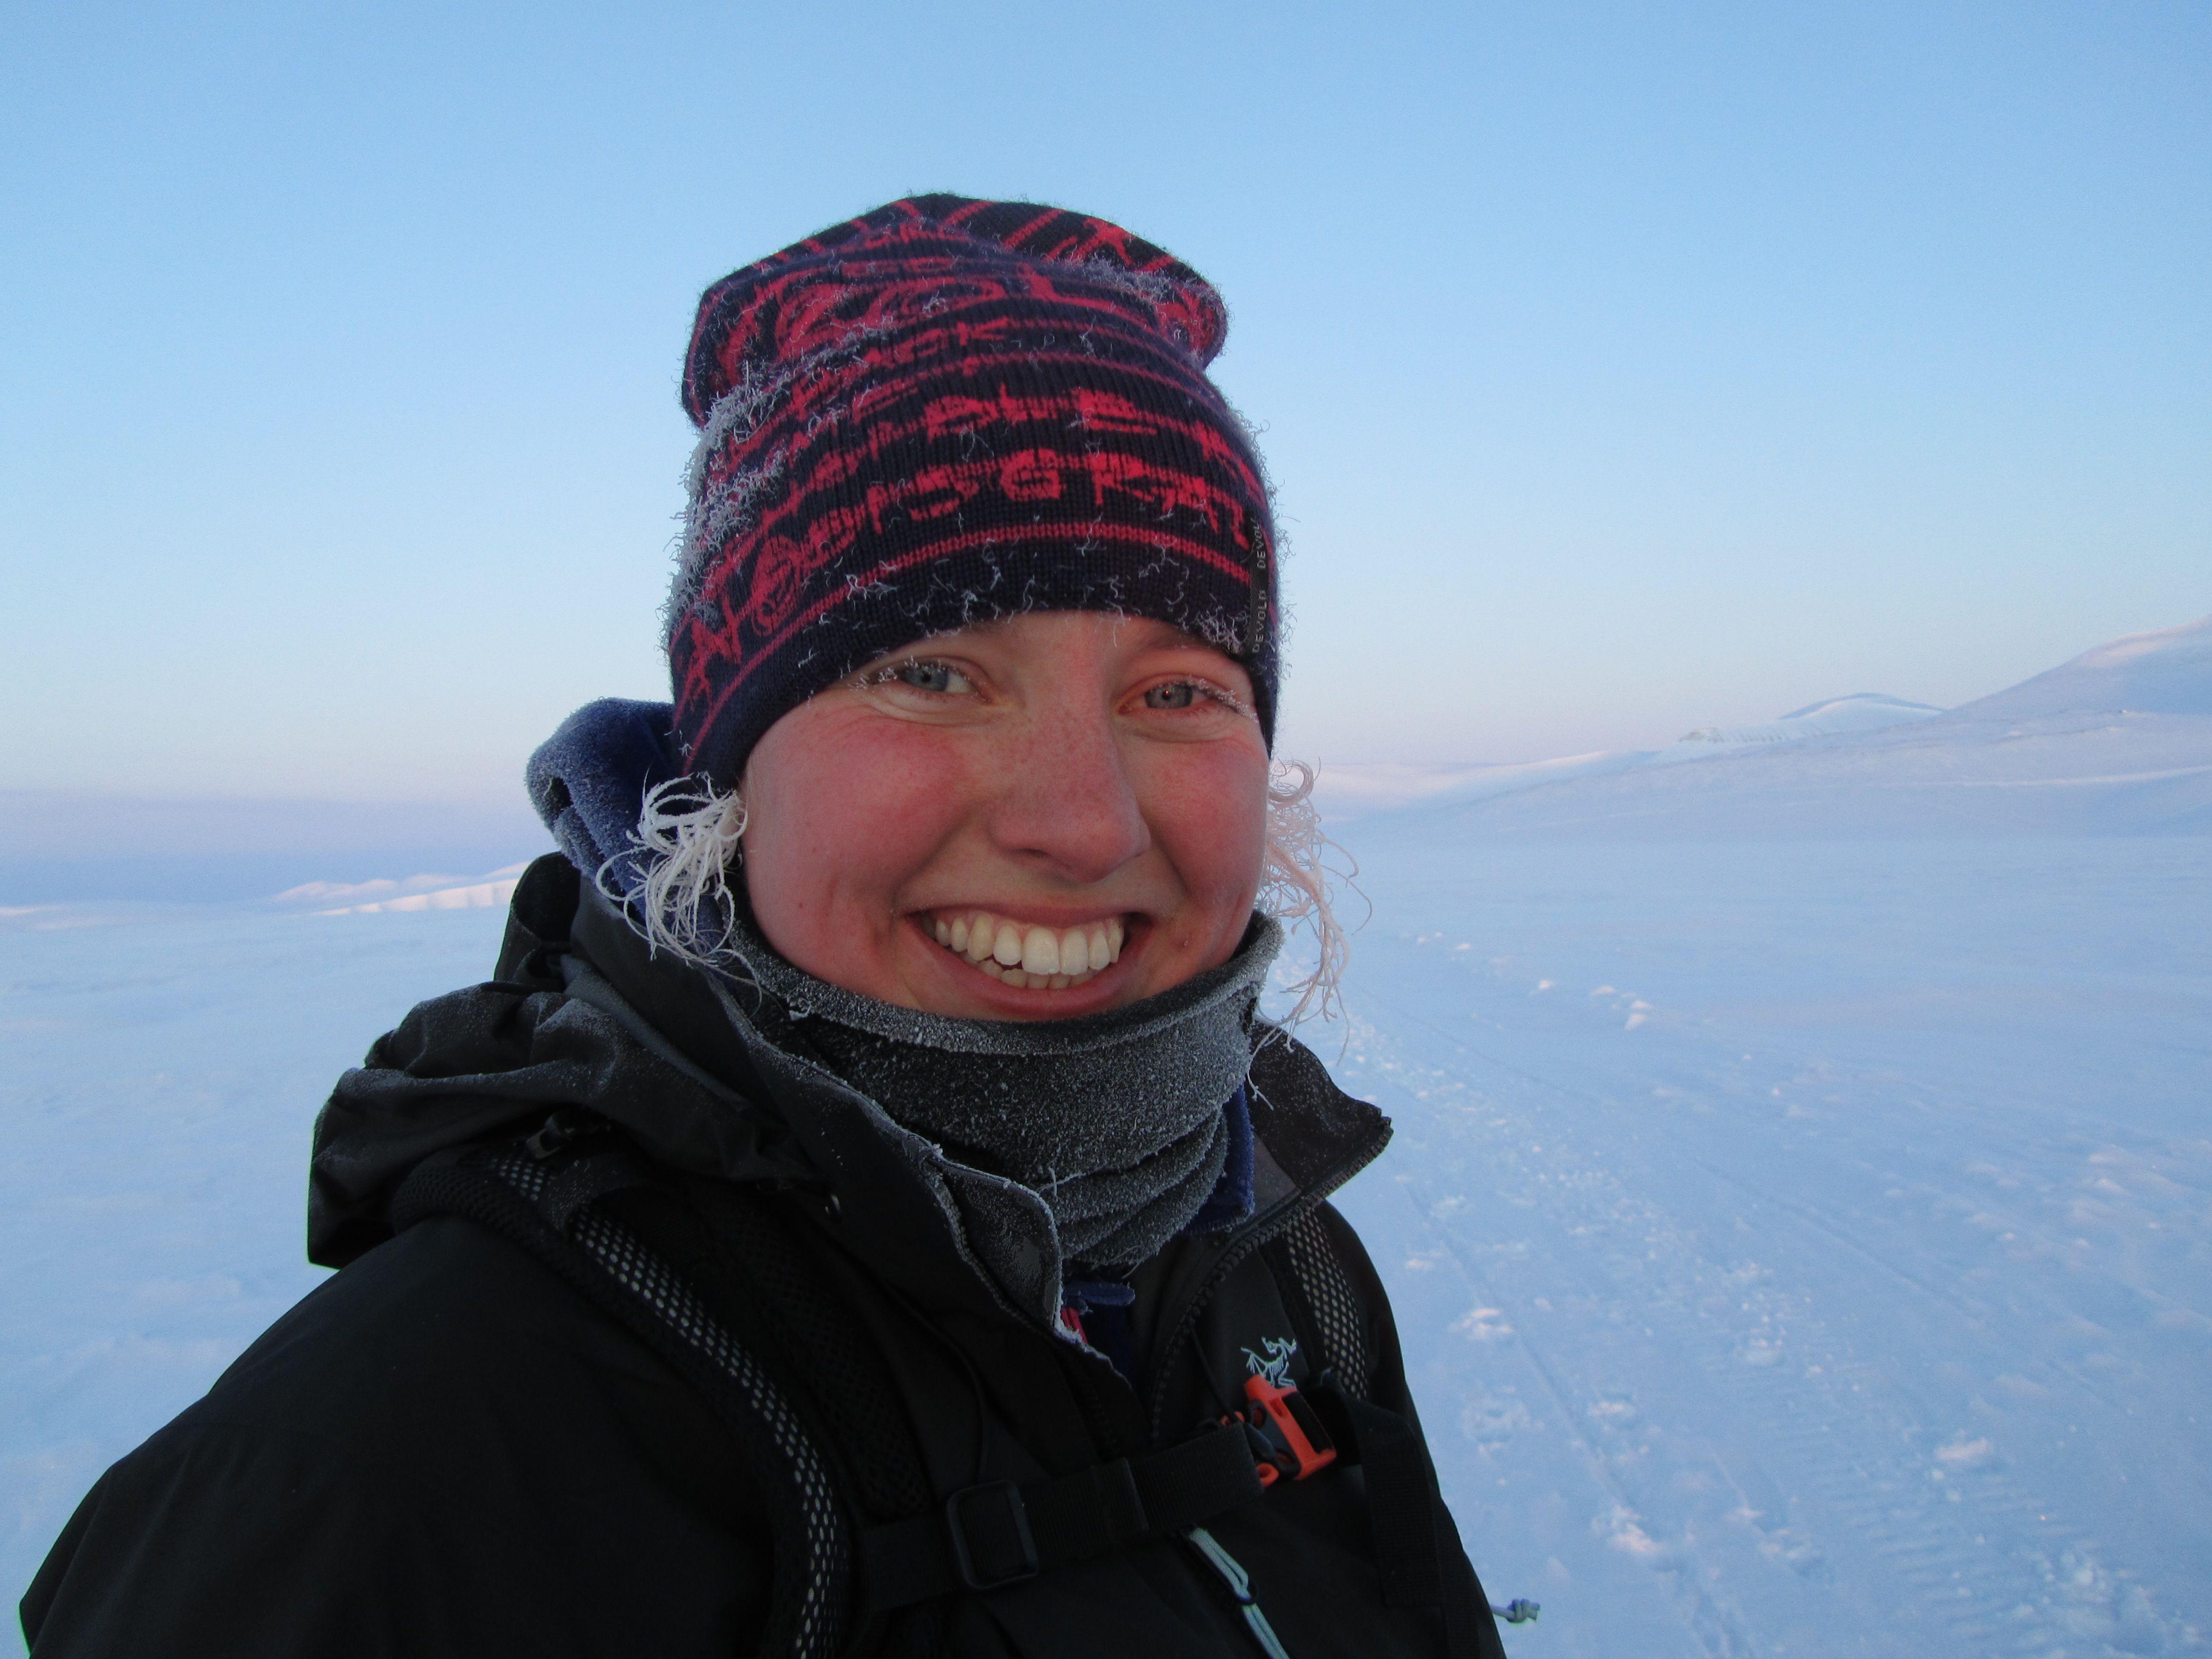 Jane Lund Andersen